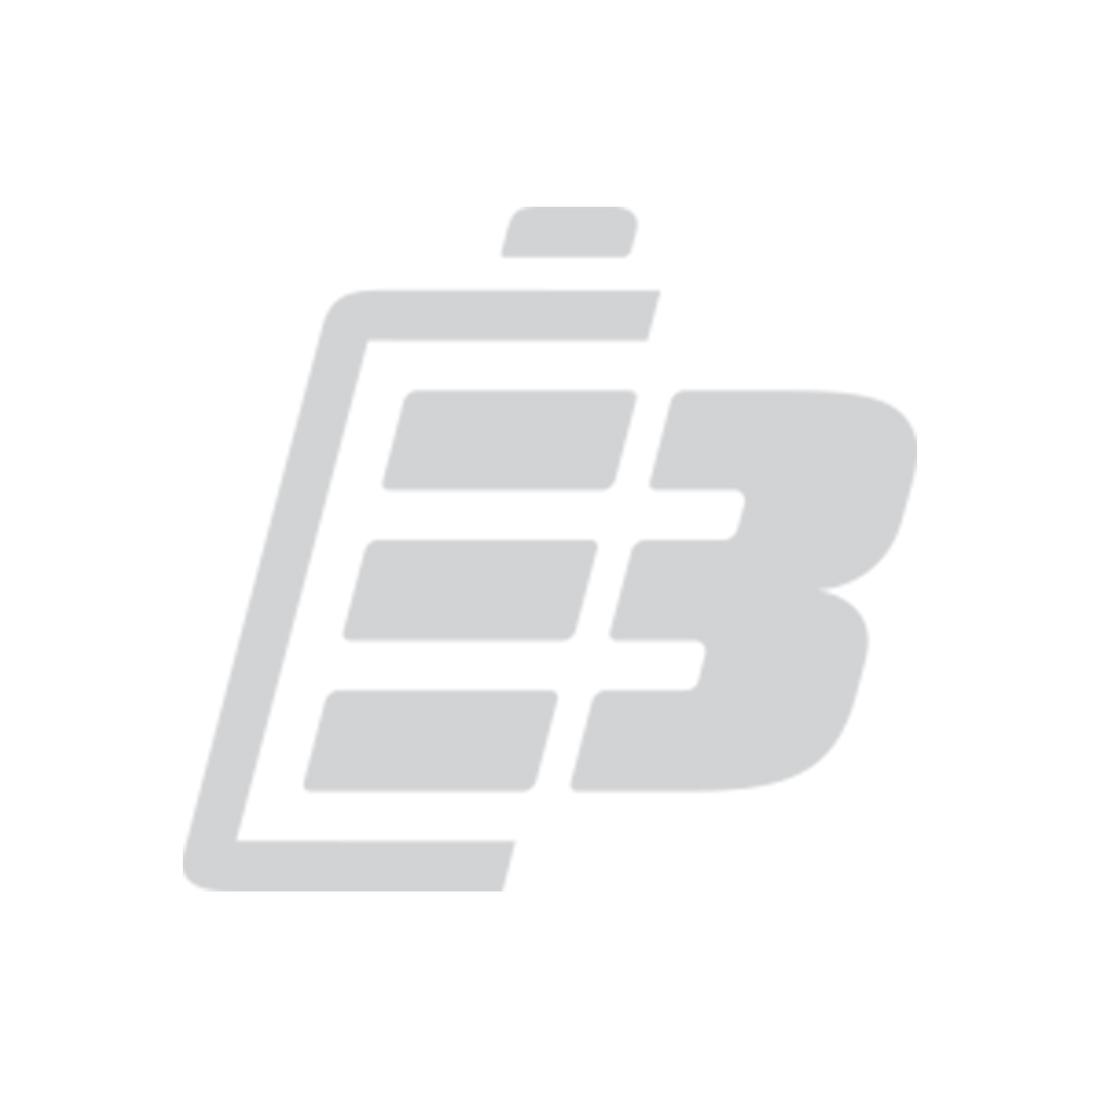 Μπαταρία βιντεοκάμερας Hitachi DZ-BP14S_1